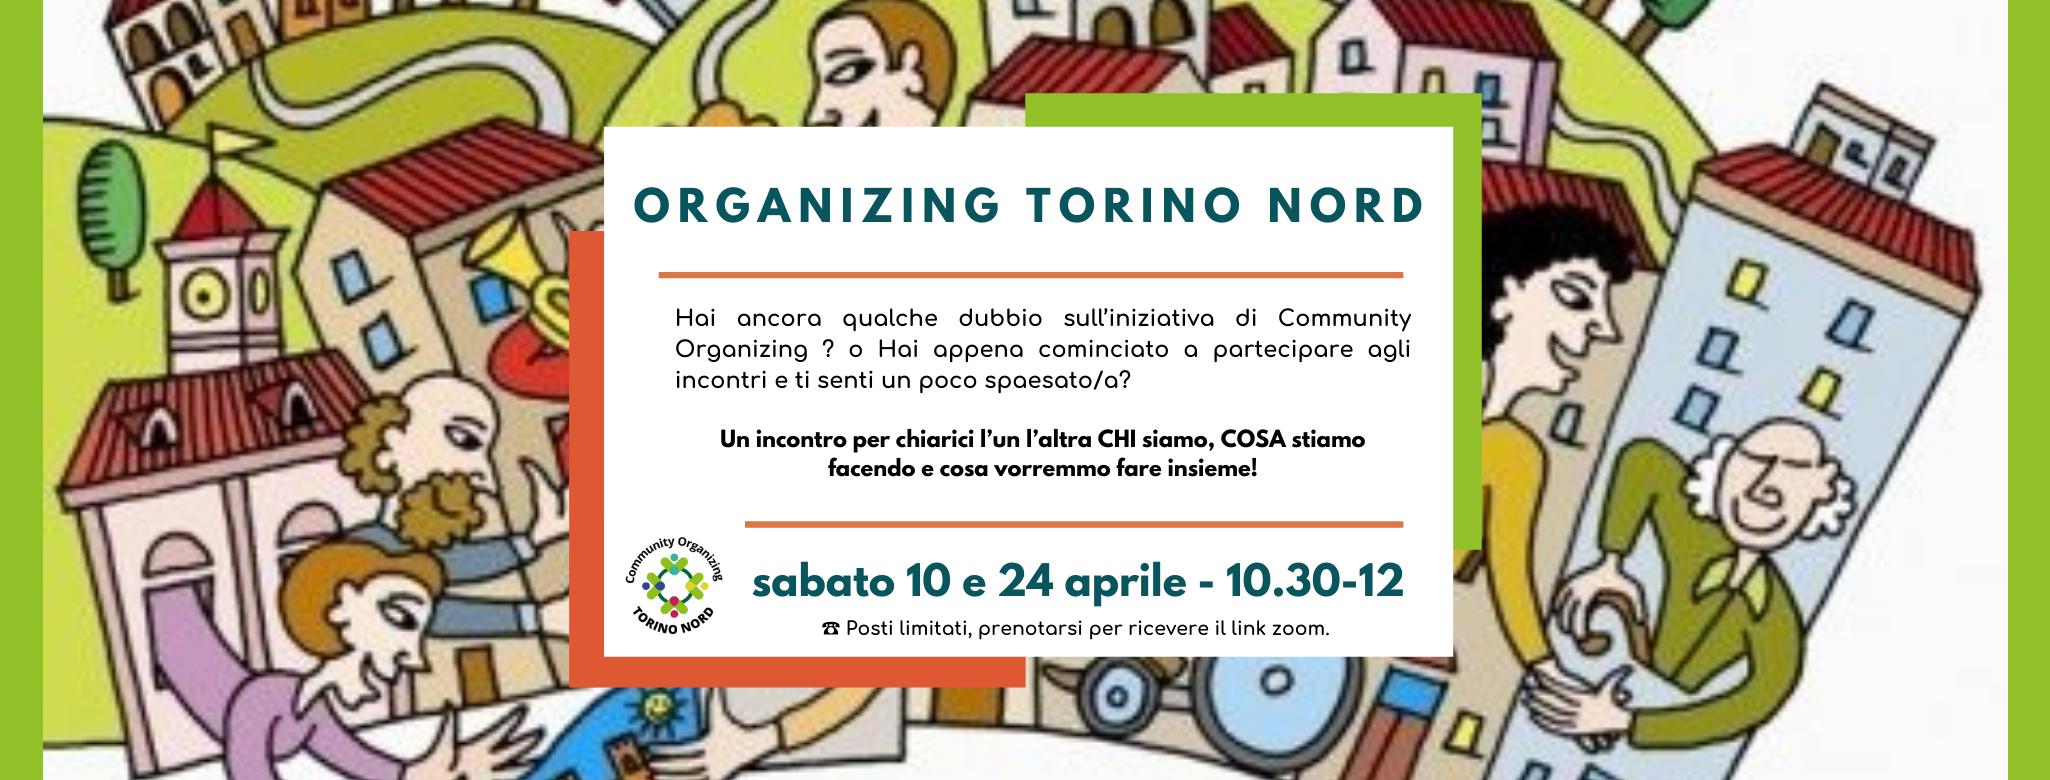 Incontro di Community Organizing Torino Nord